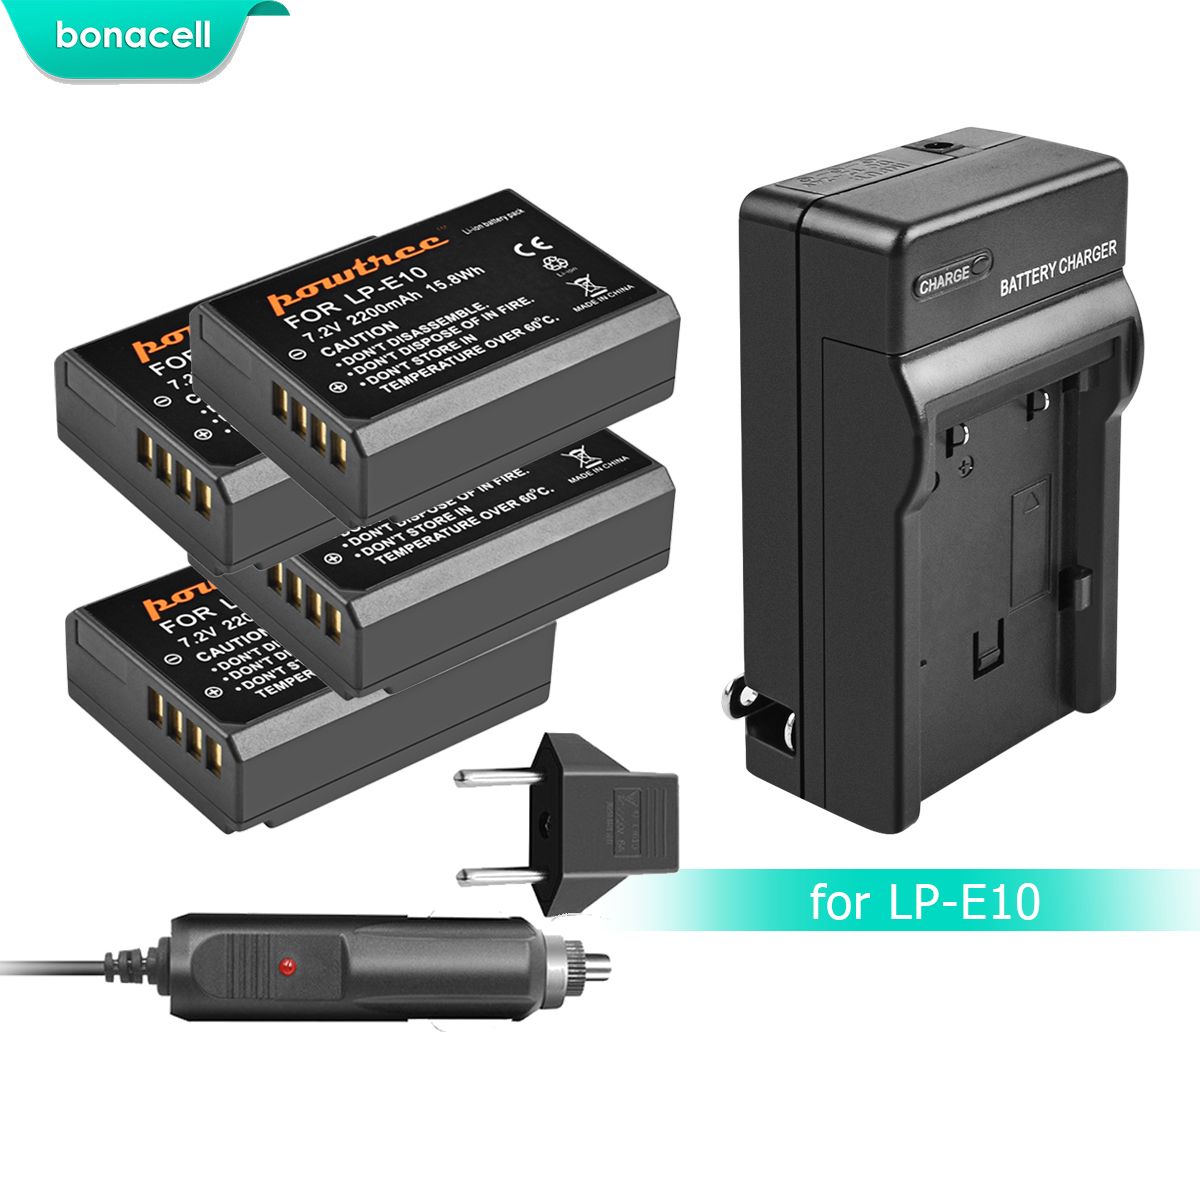 Bonacell 2200mAh LP-E10 LP E10 LPE10 Camera Battery+Charger For Canon 1100D 1200D 1300D Rebel T3 T5 KISS X50 X70 Battery L10Bonacell 2200mAh LP-E10 LP E10 LPE10 Camera Battery+Charger For Canon 1100D 1200D 1300D Rebel T3 T5 KISS X50 X70 Battery L10